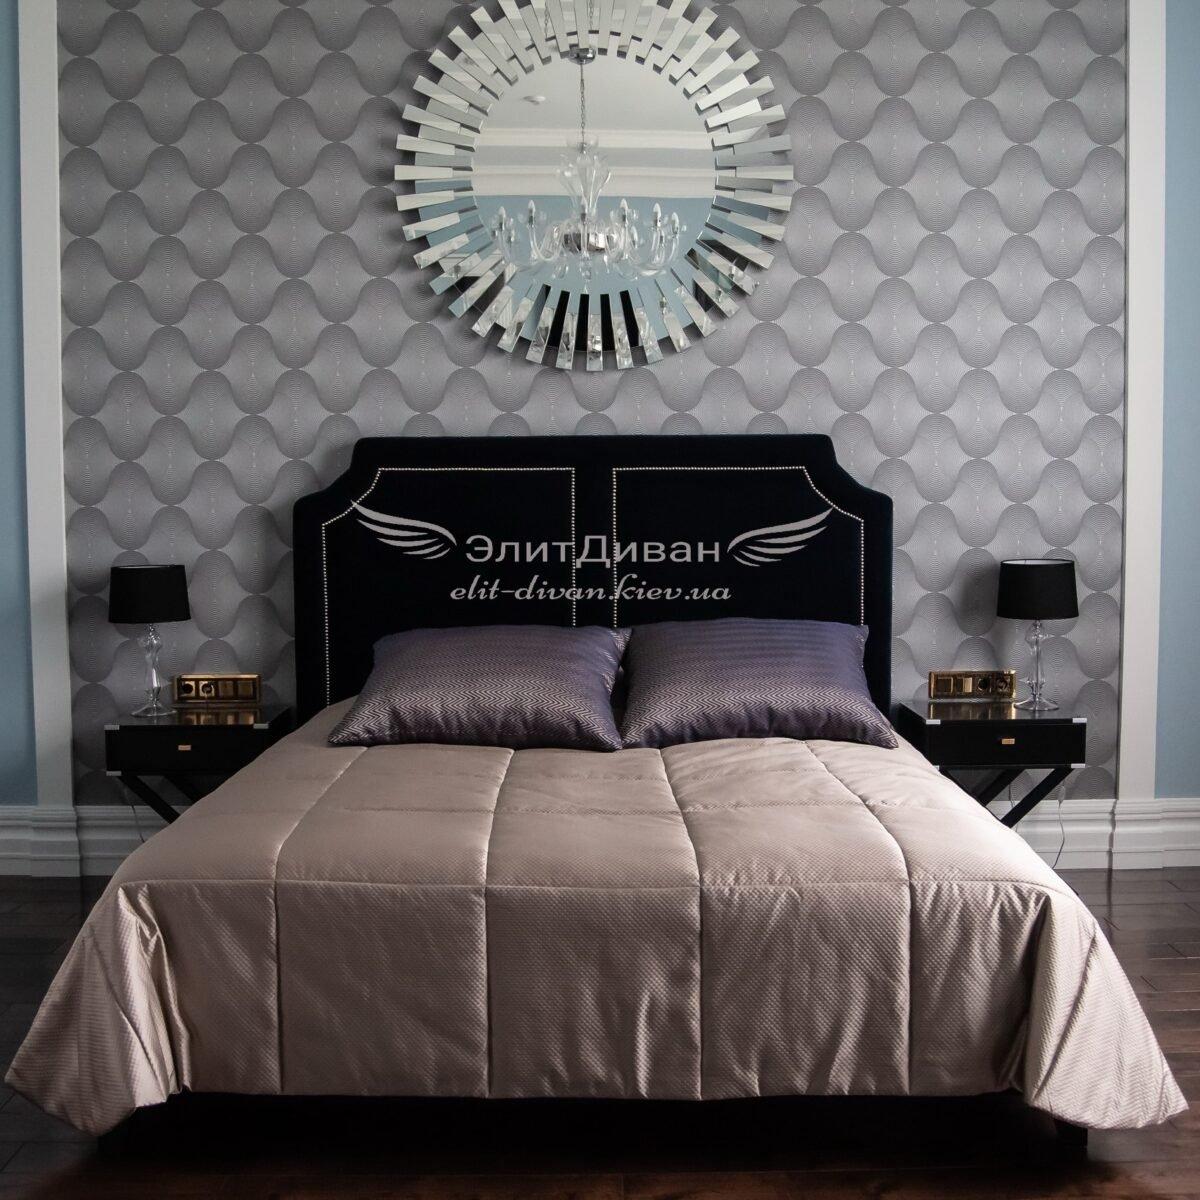 элит диван производитель мягкой мебели